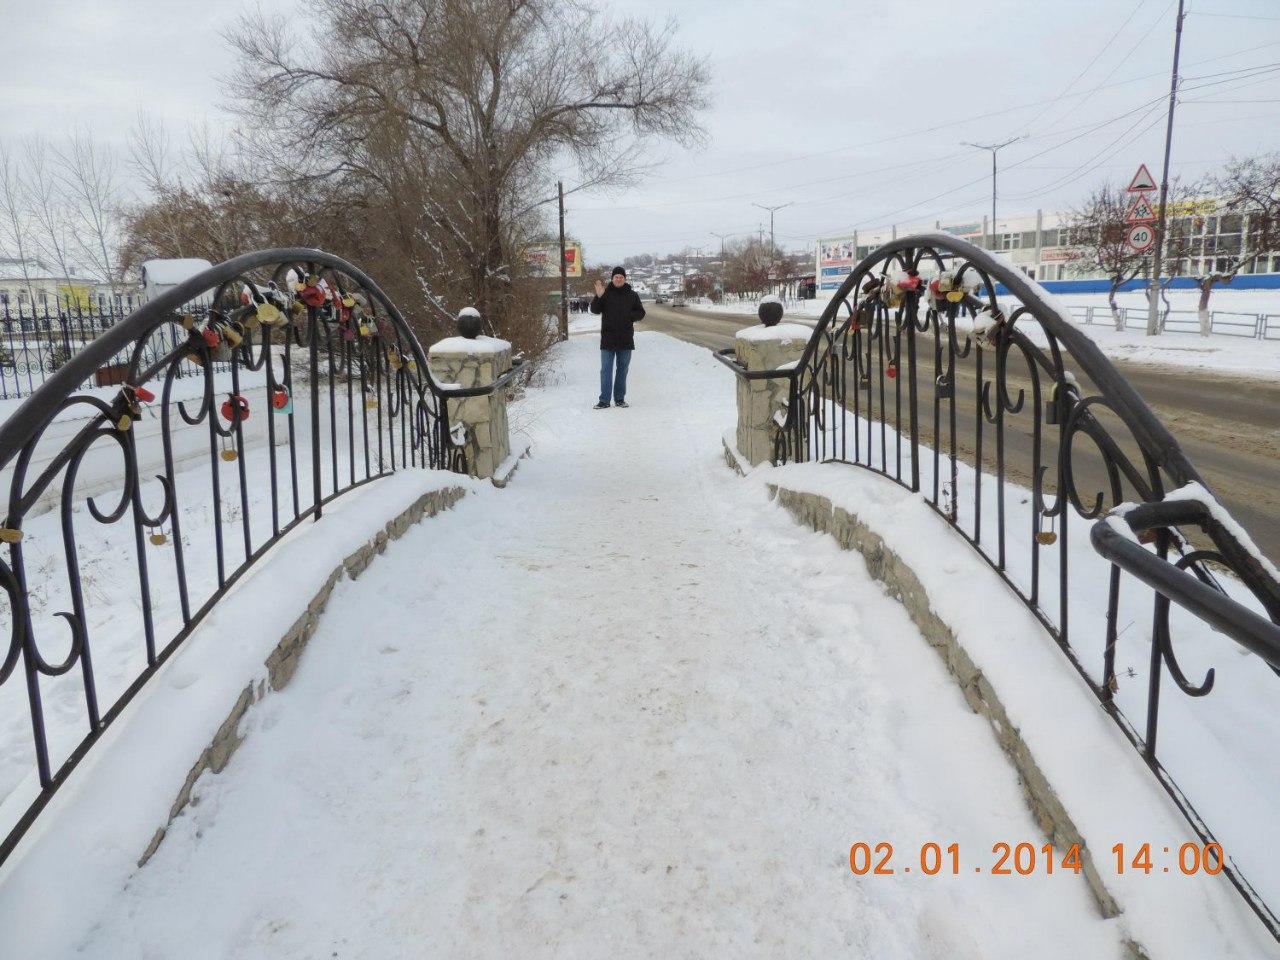 Мостик новобрачных возле церкви (03.02.2014)